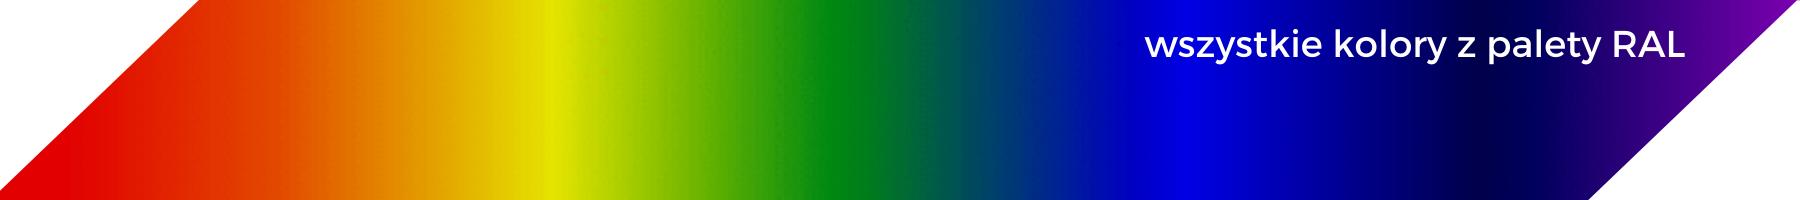 RAL7024 2 | Systemy przeciwśniegowe I Komunikacja Dachowa I Fasady | CEDA